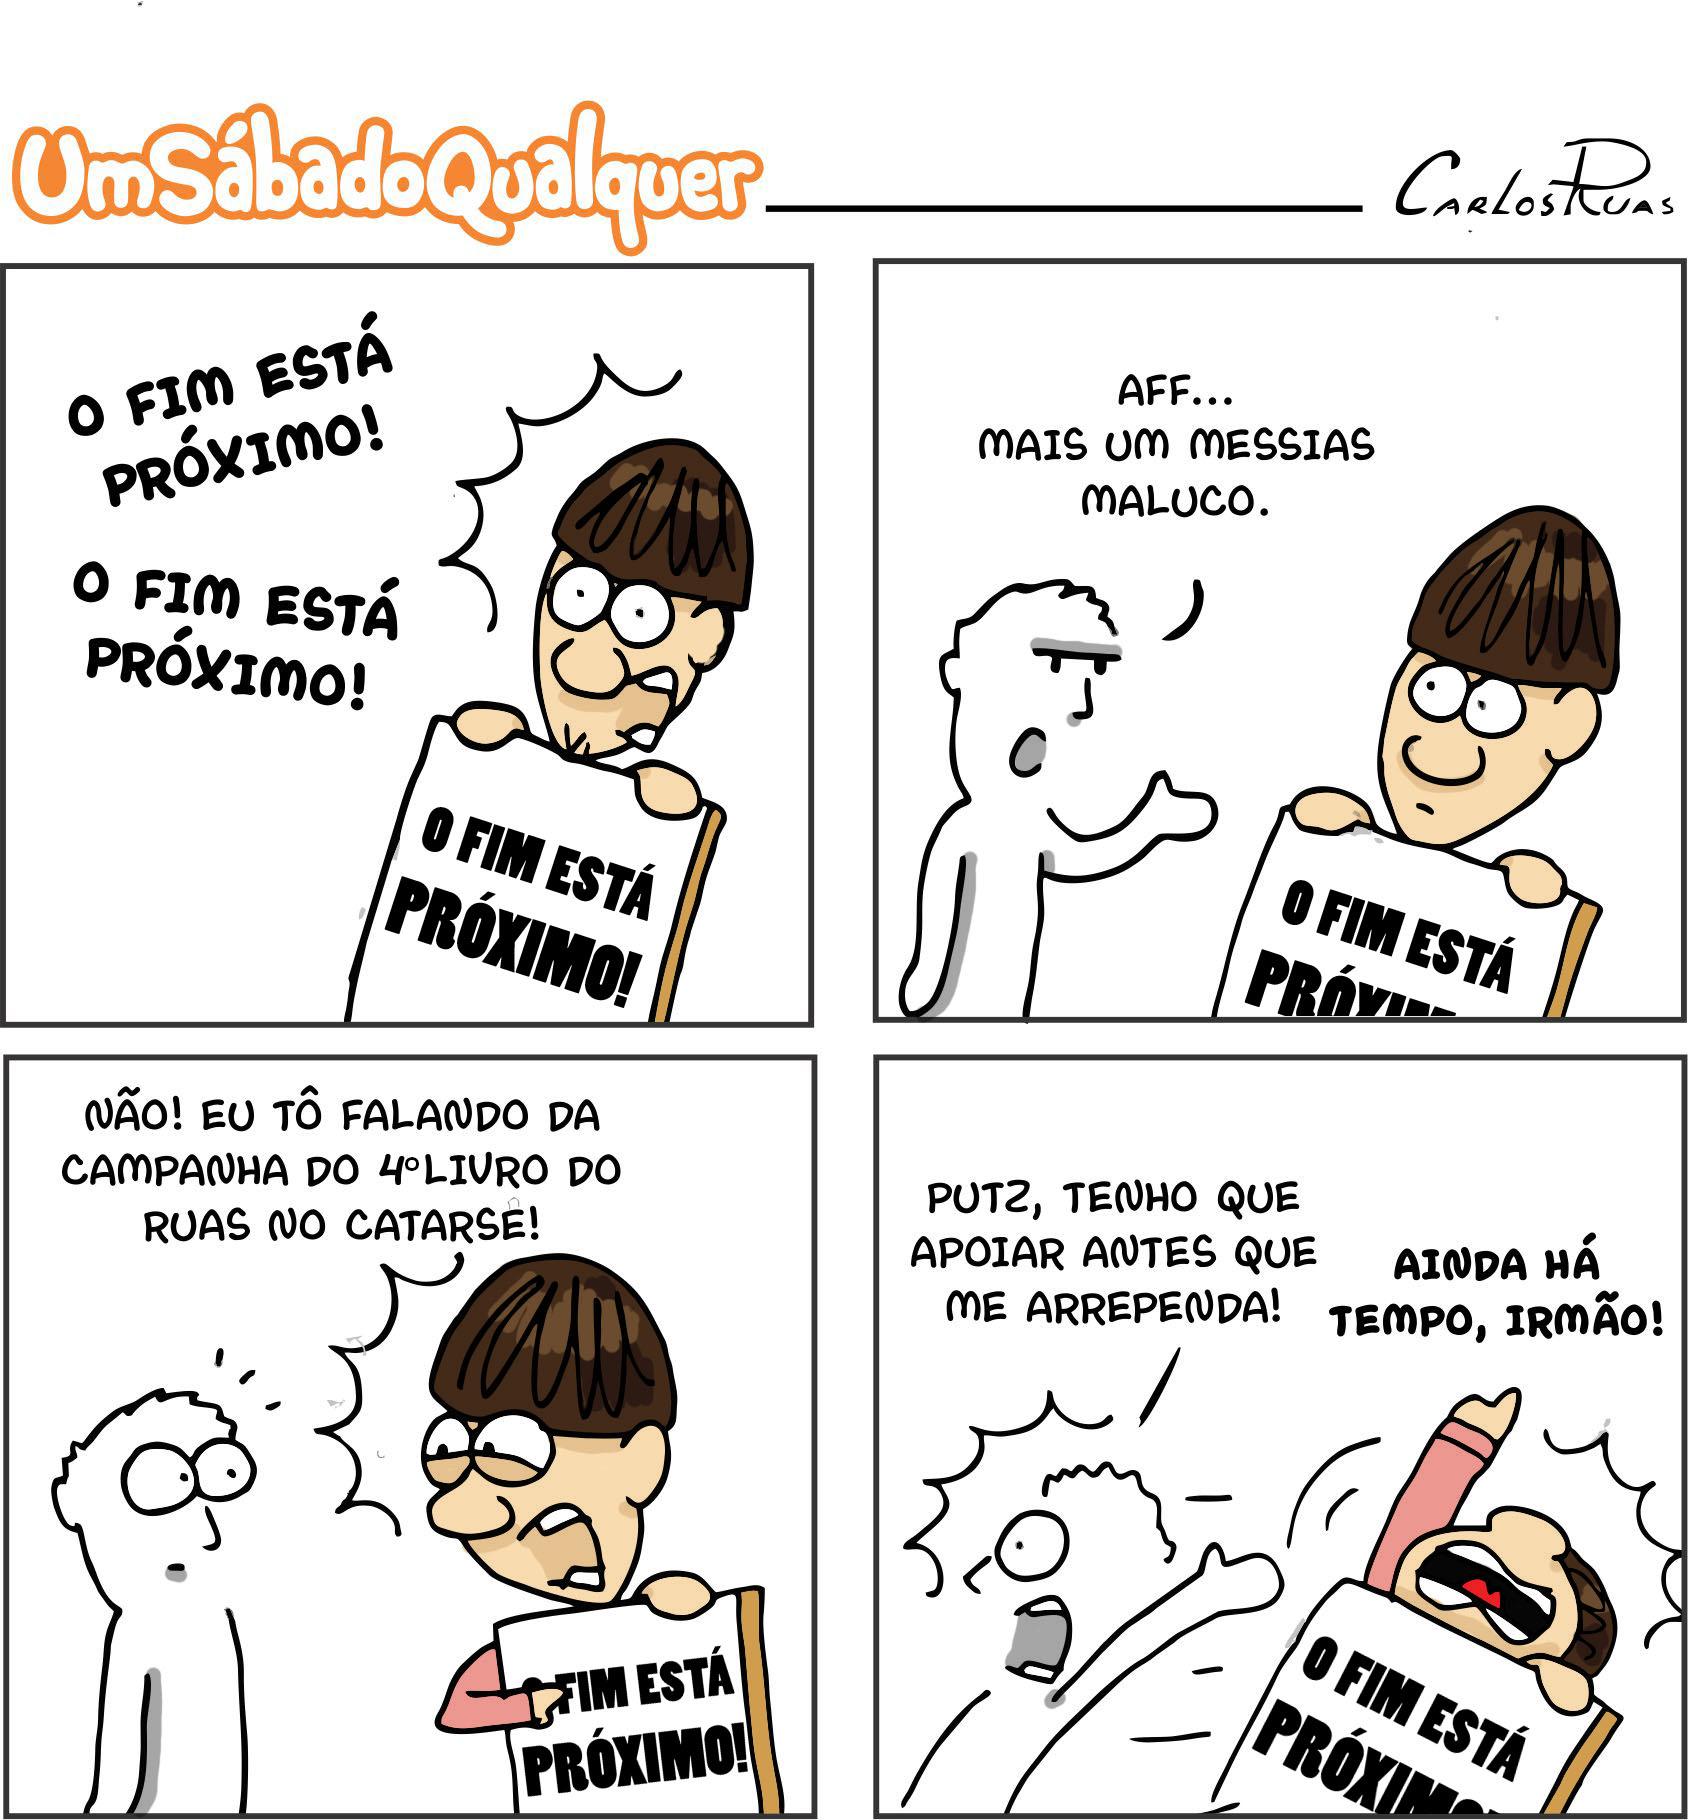 FALTA 1 DIAS PARA O FIM DA CAMPANHA!